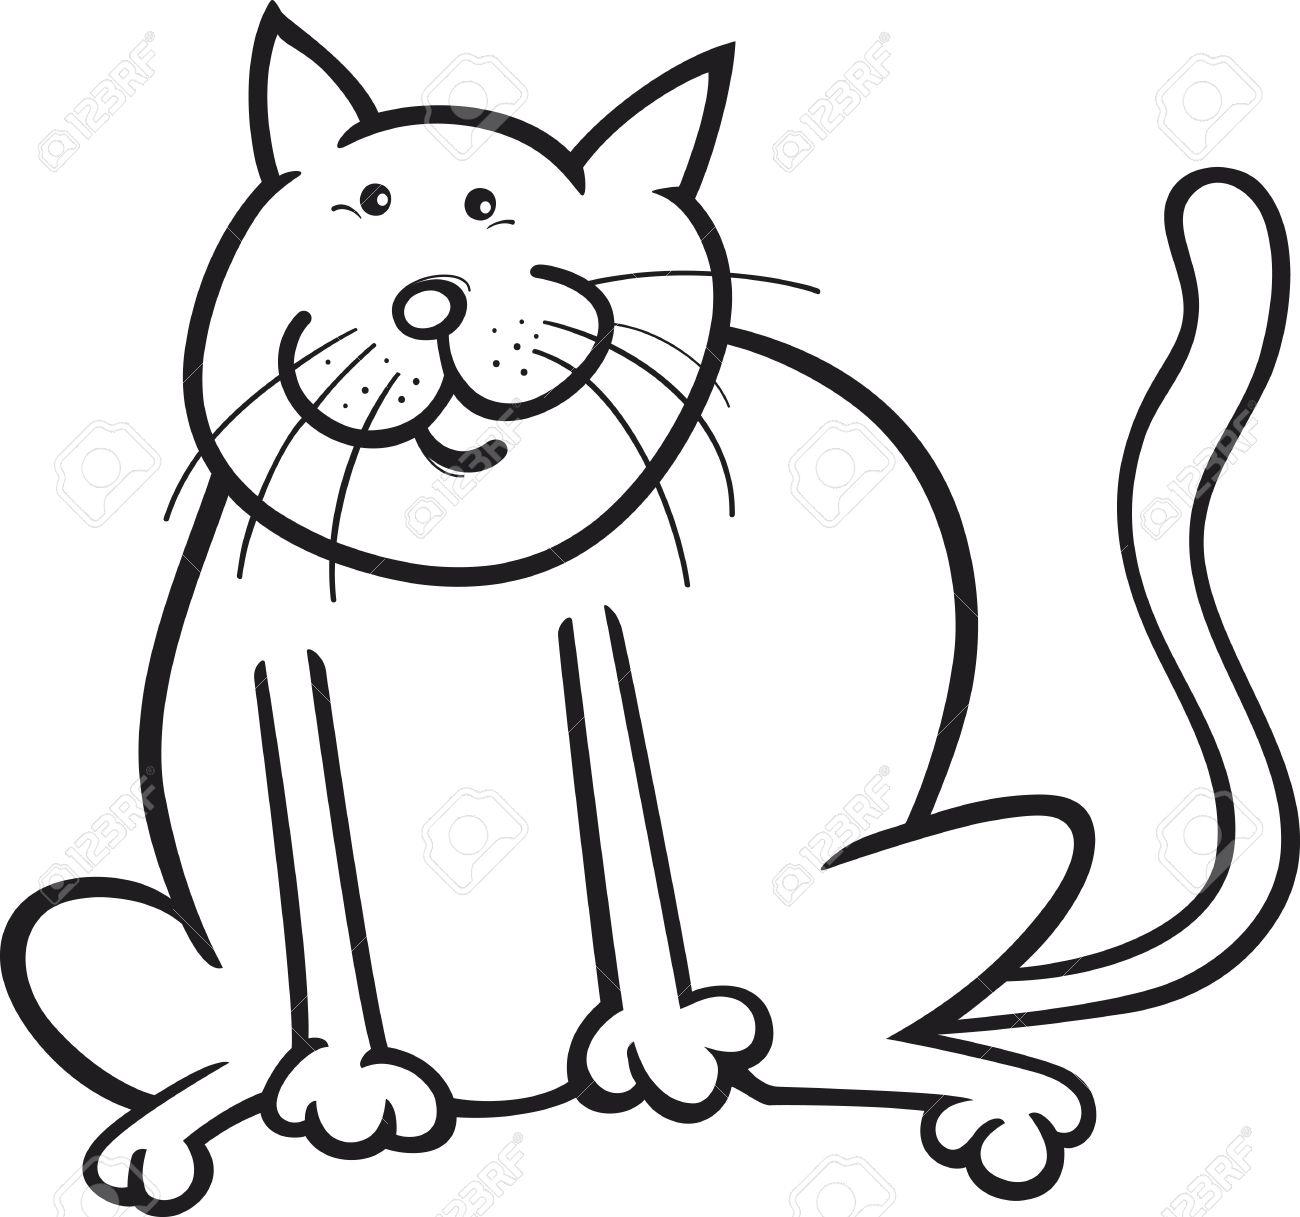 1300x1217 Black Cat Clipart Funny